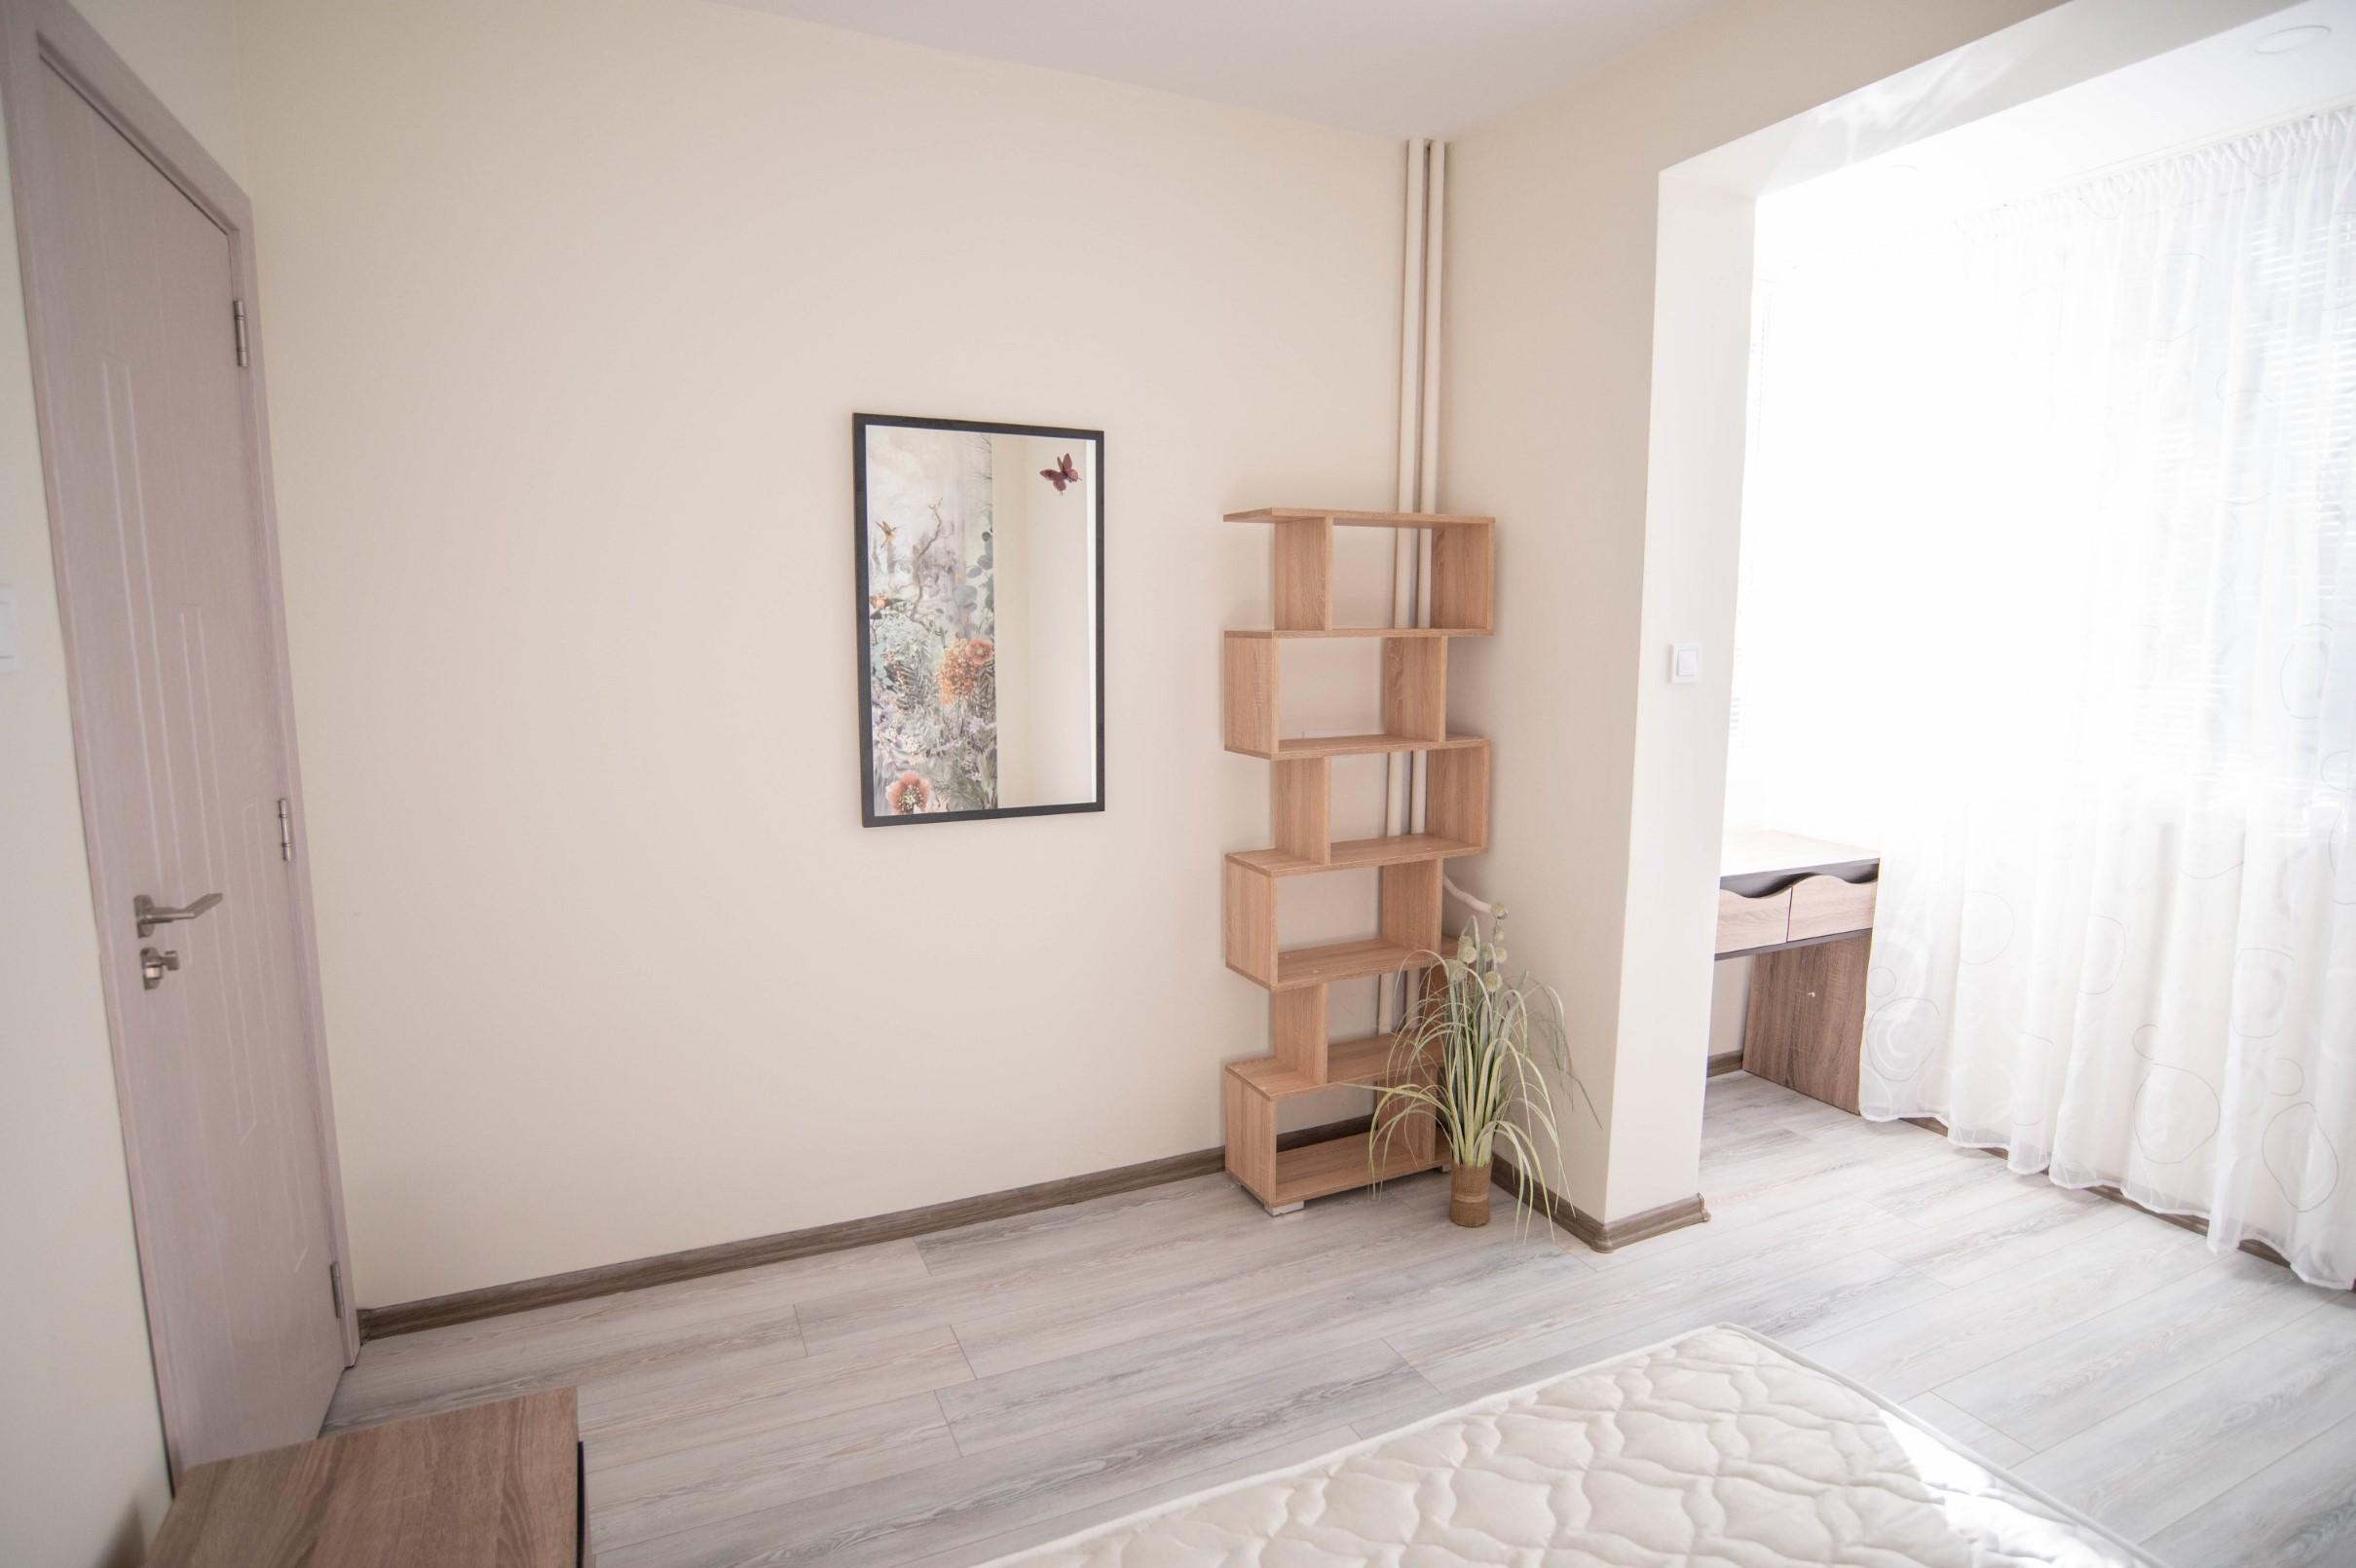 Ситибул Продава многостаен в София, Люлин 3